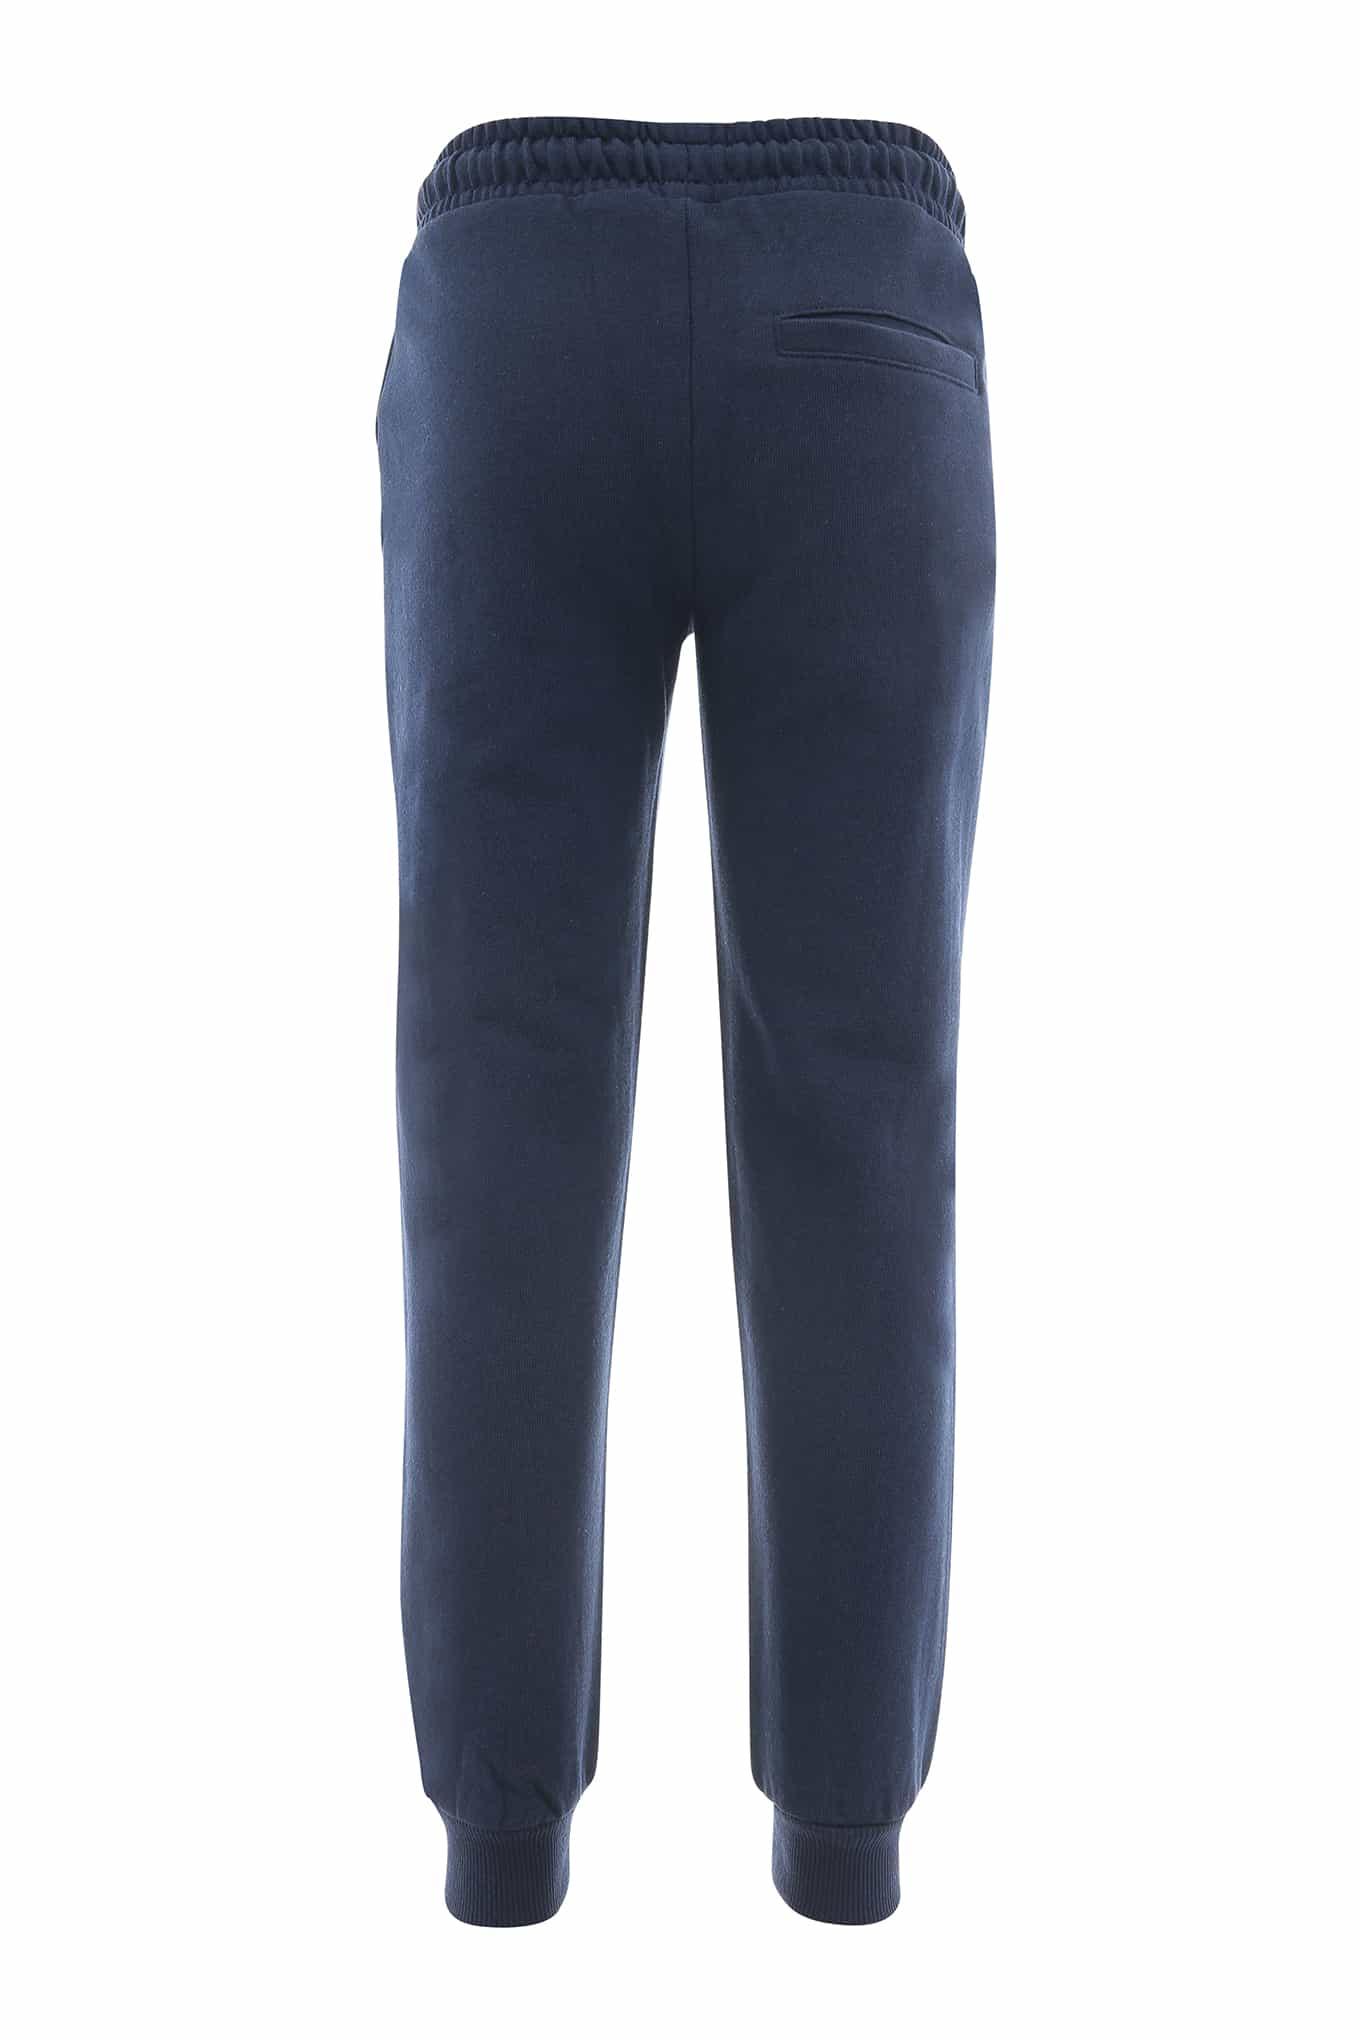 Sportswear Trousers Light Grey Casual Girl